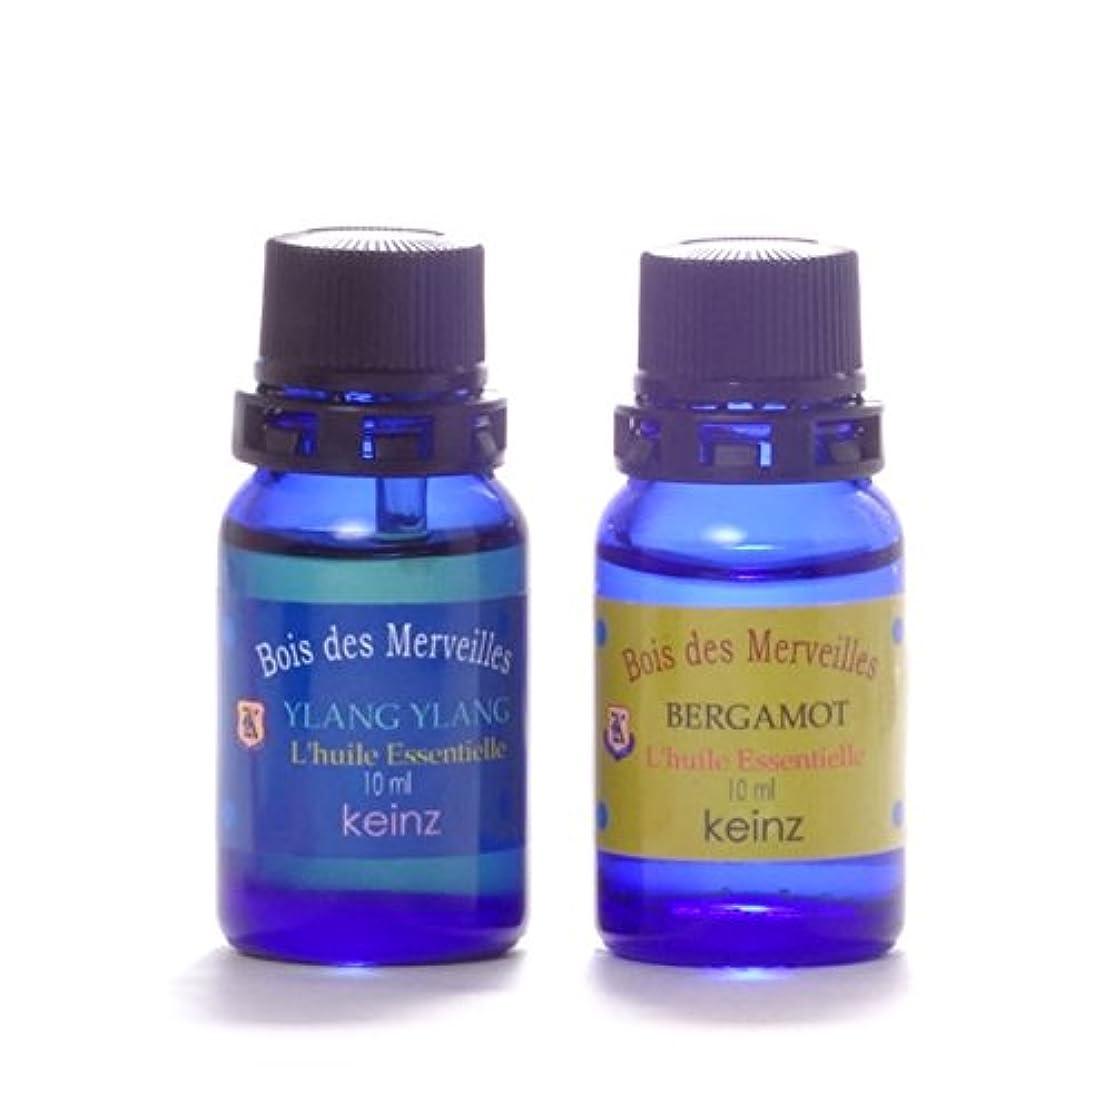 家抱擁応援するkeinzエッセンシャルオイル「イランイラン10ml&ベルガモット10ml」2種1セット ケインズ正規品 製造国アメリカ 完全無添加 人工香料は使っていません。